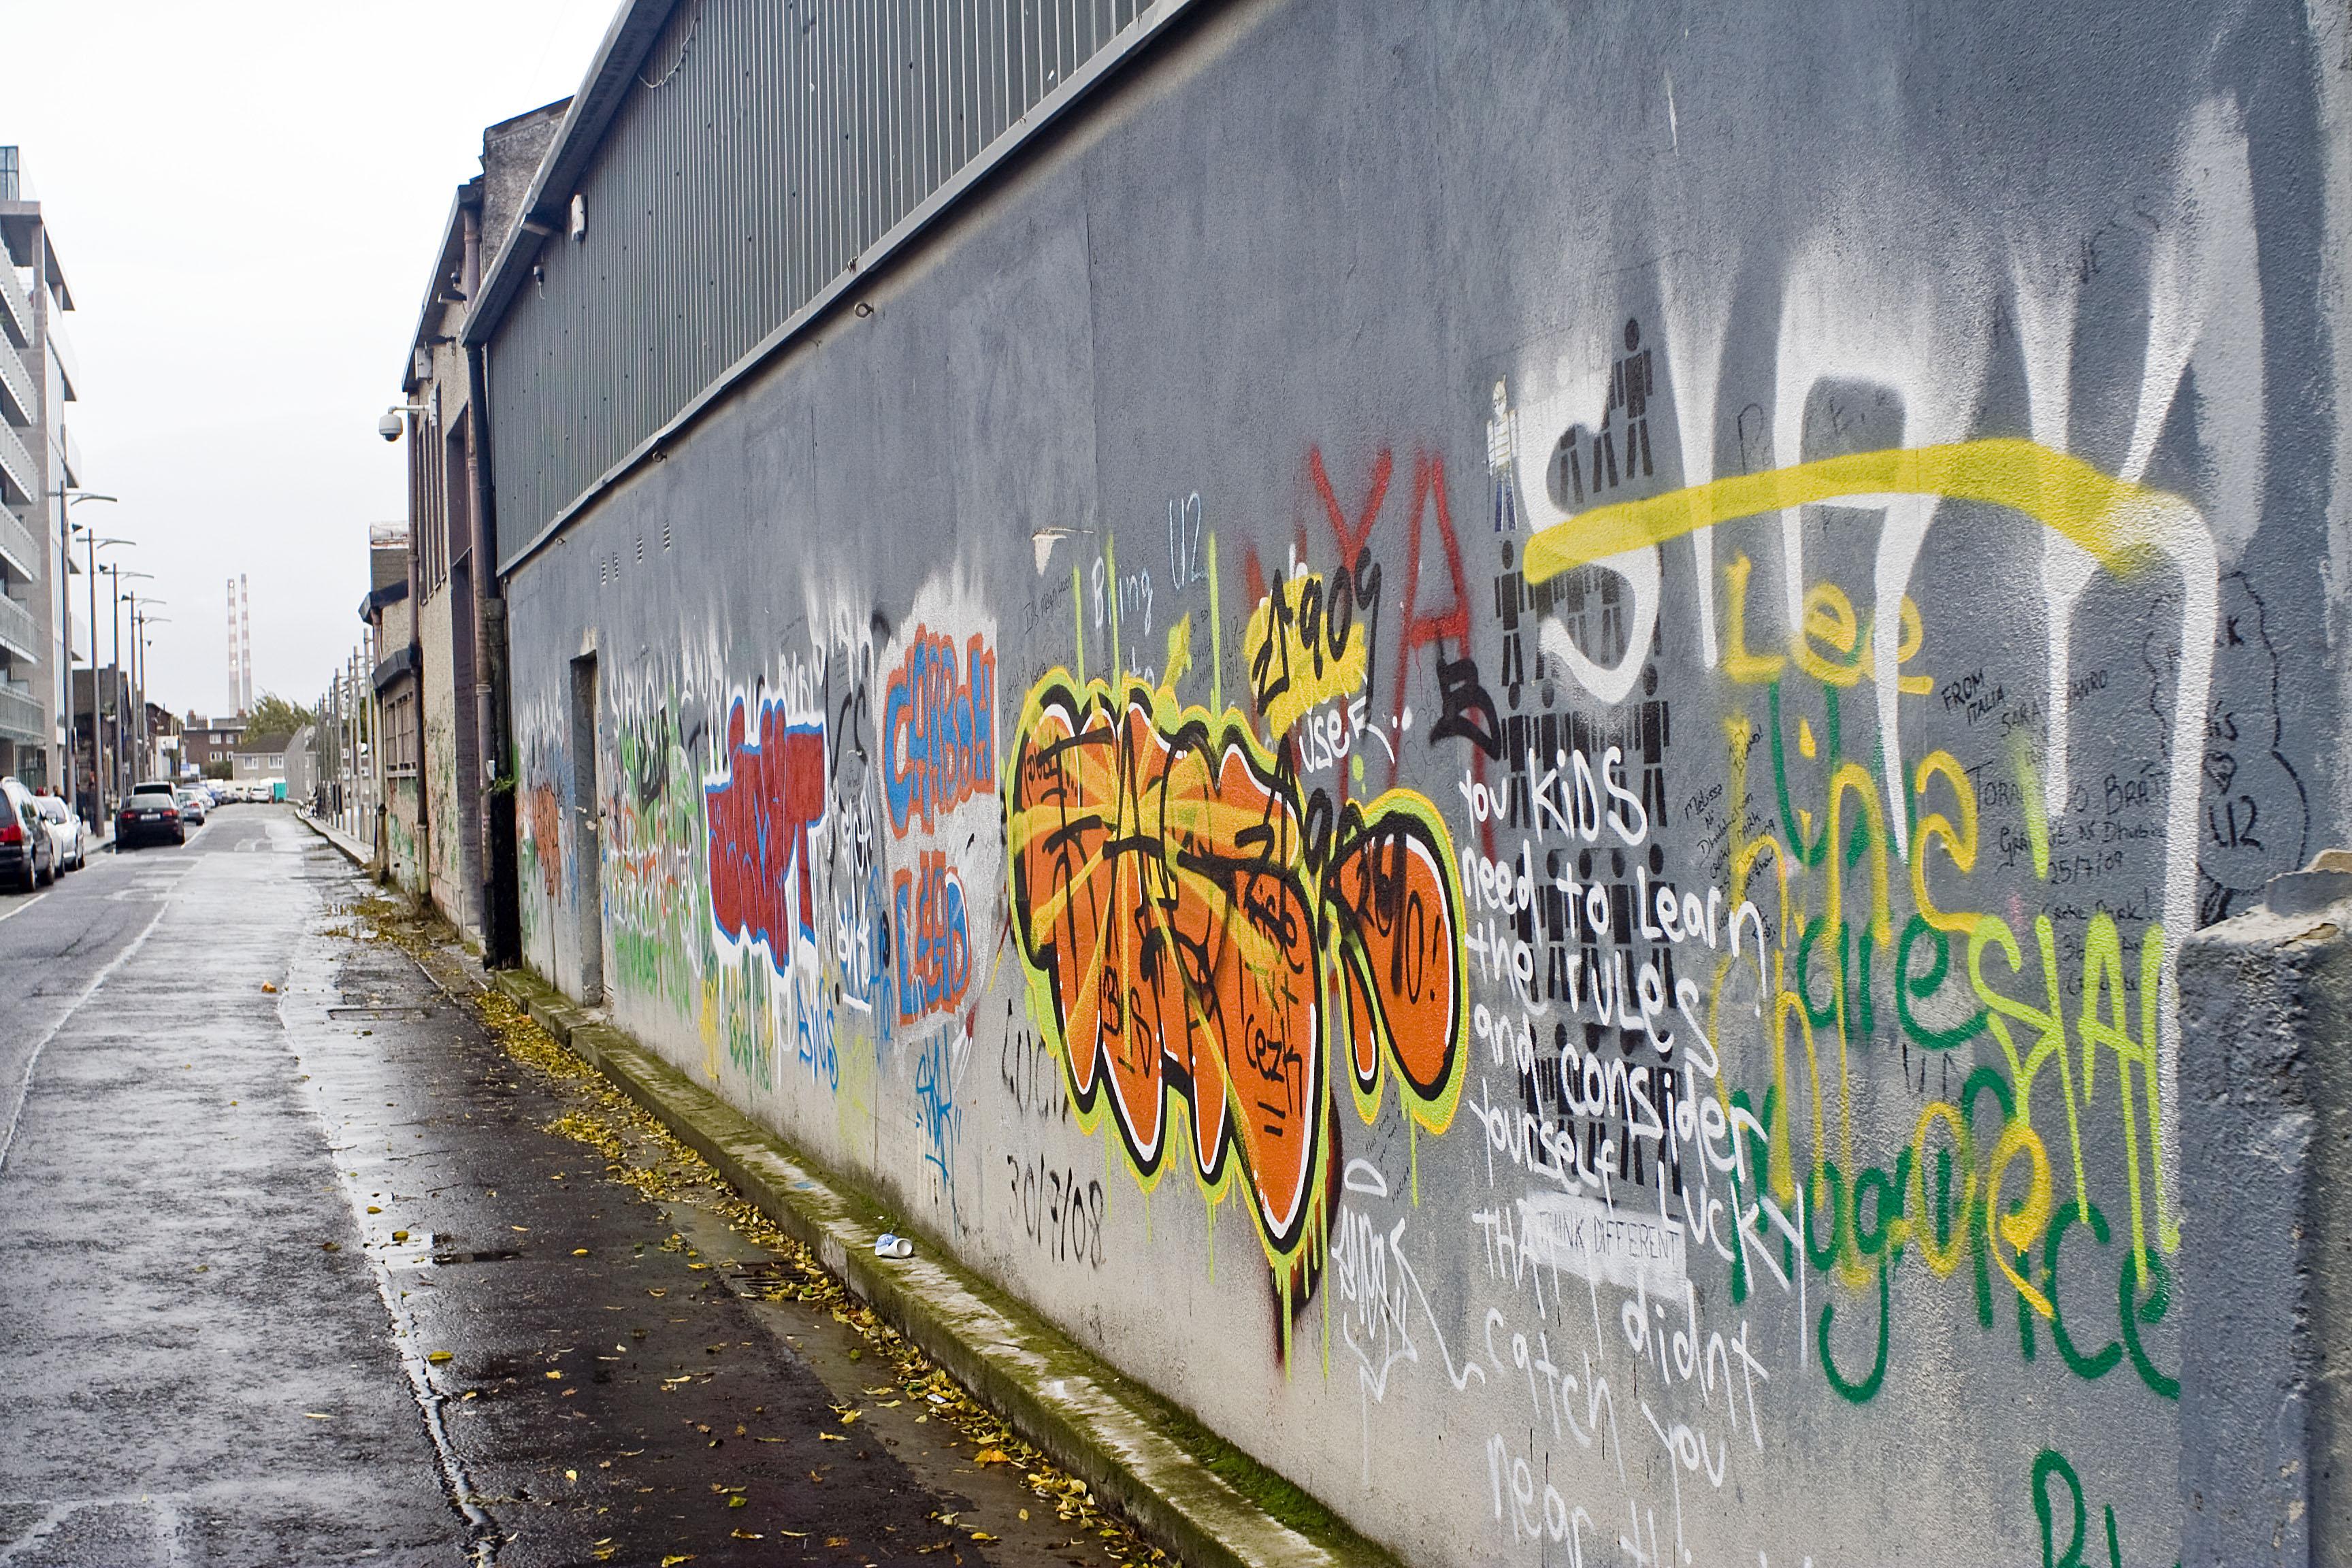 Fabbrica dismessa ad Hannover quay Questo è un famoso edificio usato dalla band x suonare e provare i loro pezzi, vedete le firme e i graffiti dei fan su muro. Hanno girato qua dentro alcuni tra loro video più famosi.